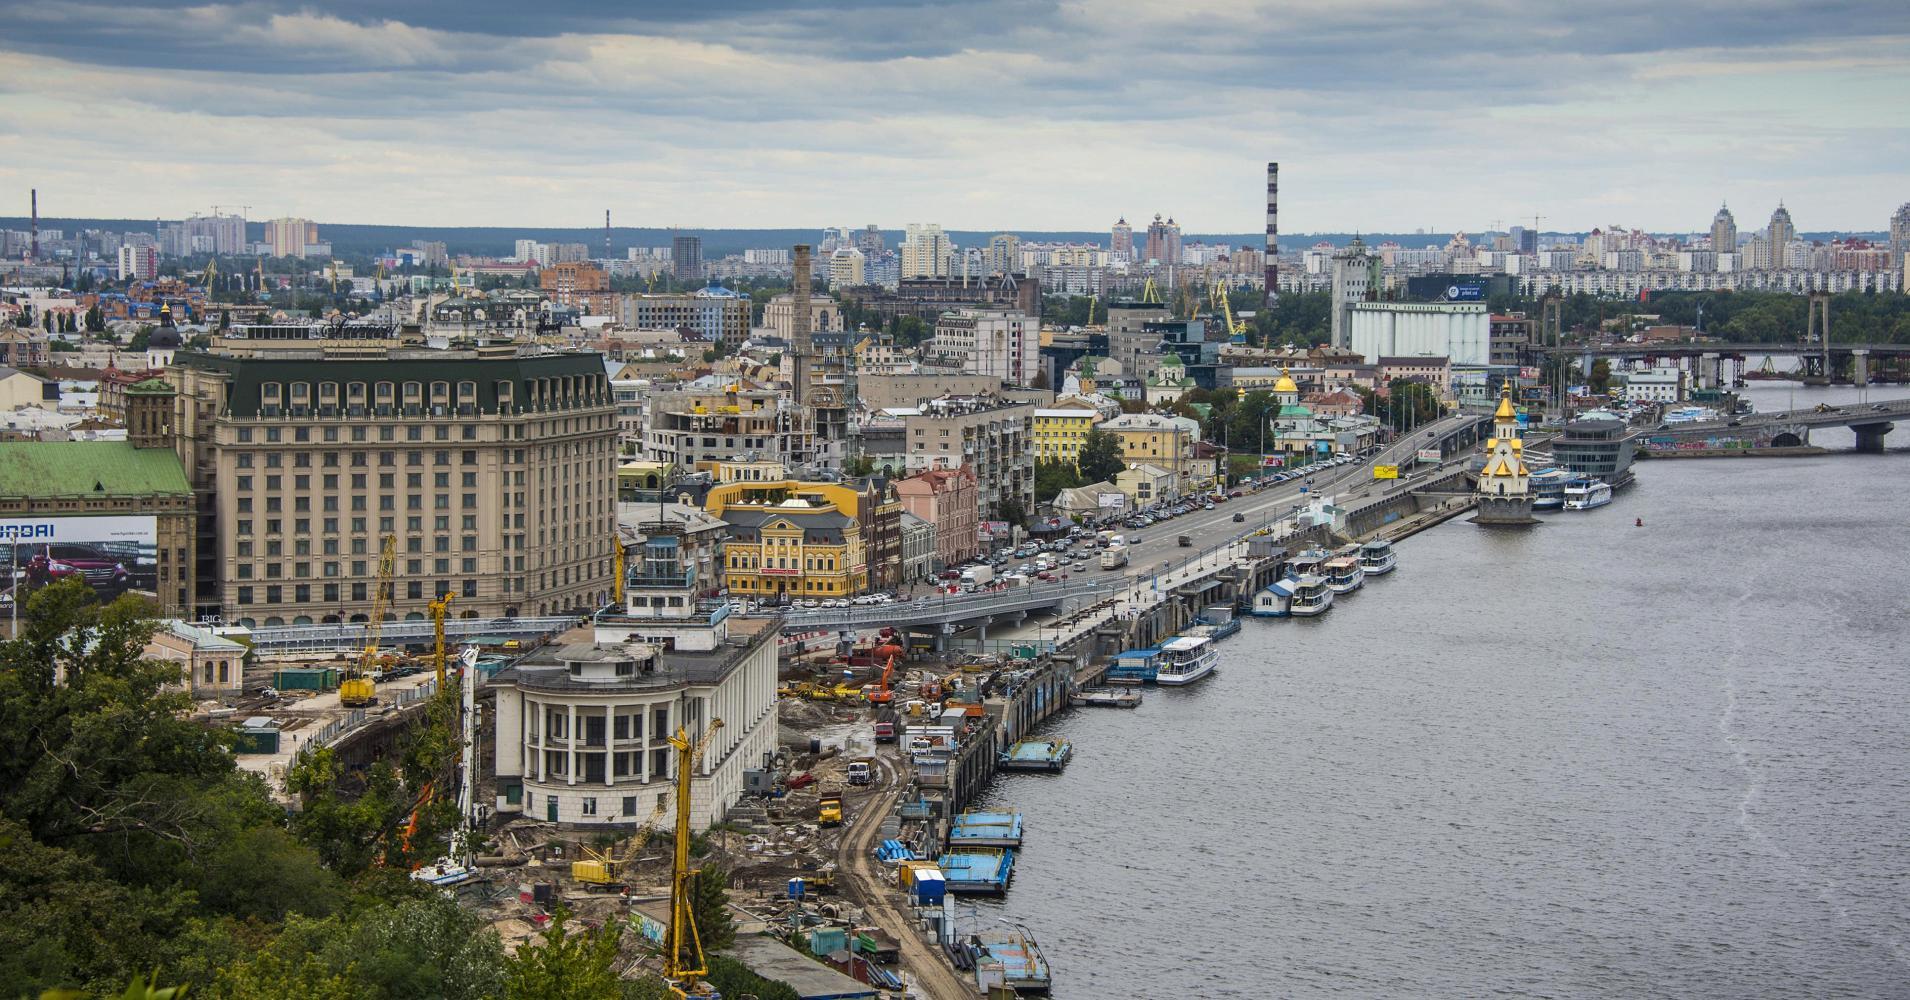 Ukraine Akan Membuat Satu Lagi Langkah Penting Ke Arah Eropah Laman Utama Berita Kewangan